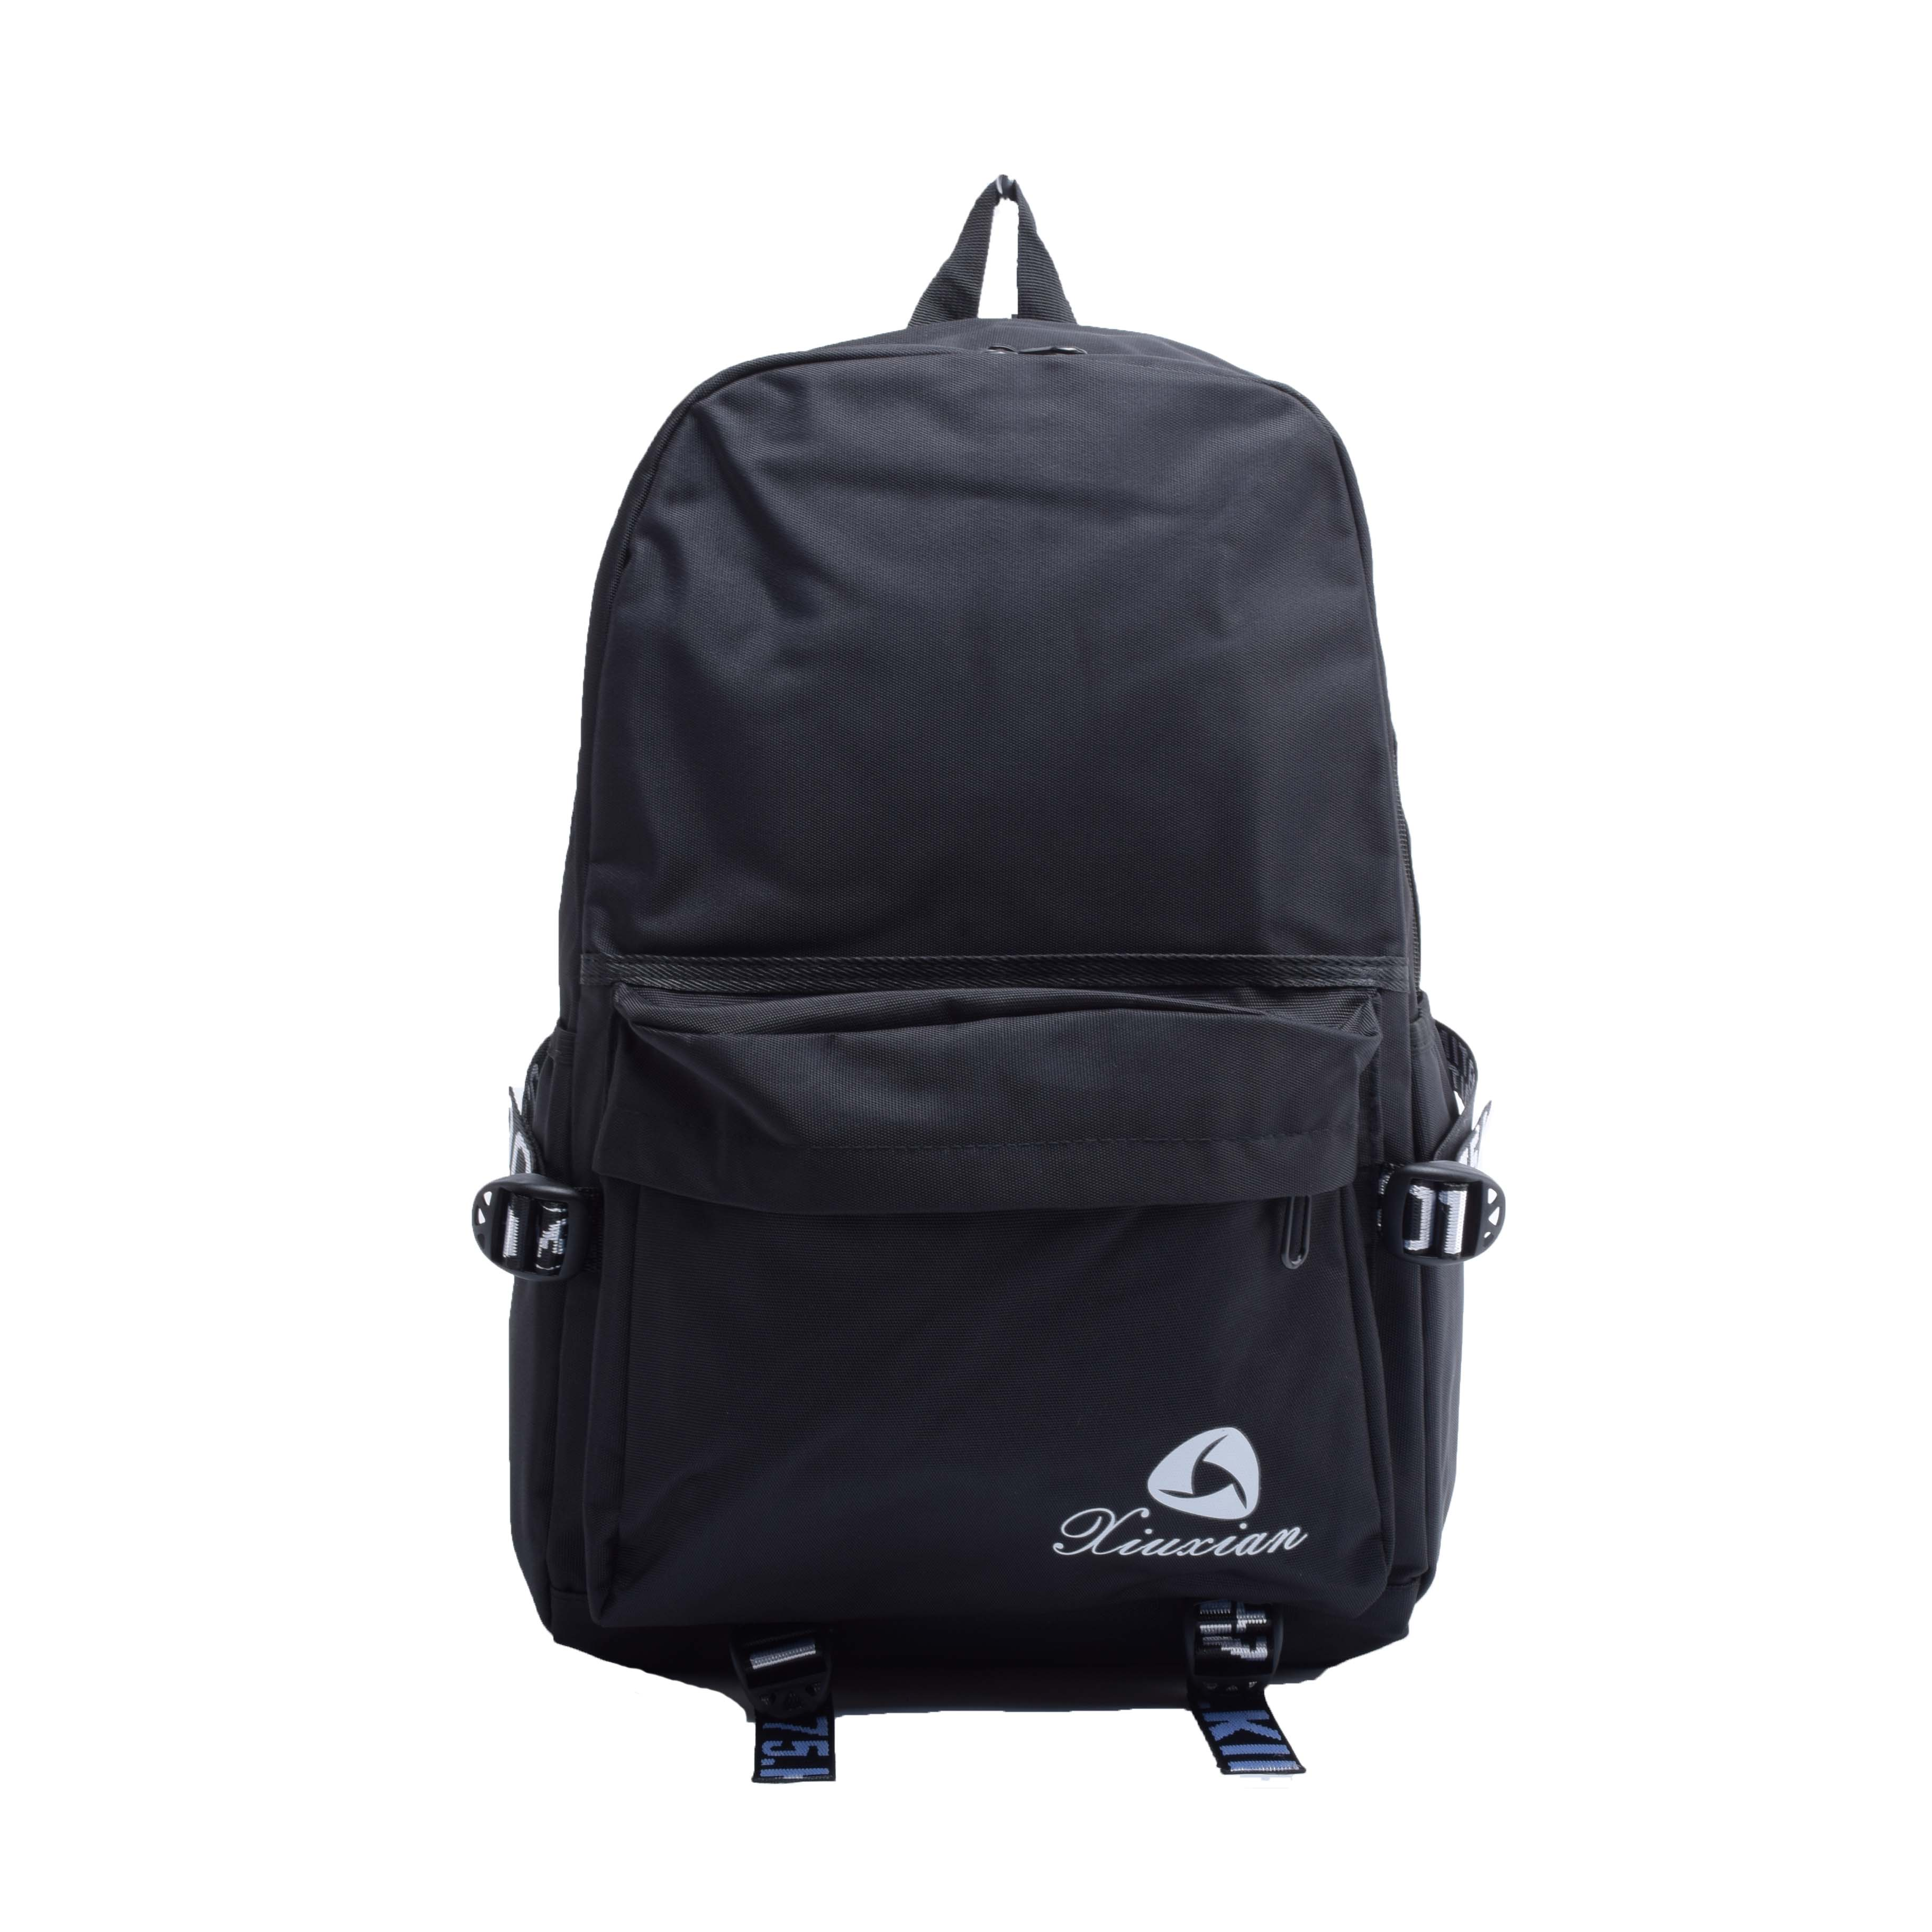 11044cfd29e7 Divatos Fekete Női Hátizsákok - Műbőr - Táska webáruház - Minőségi táskák  mindenkinek